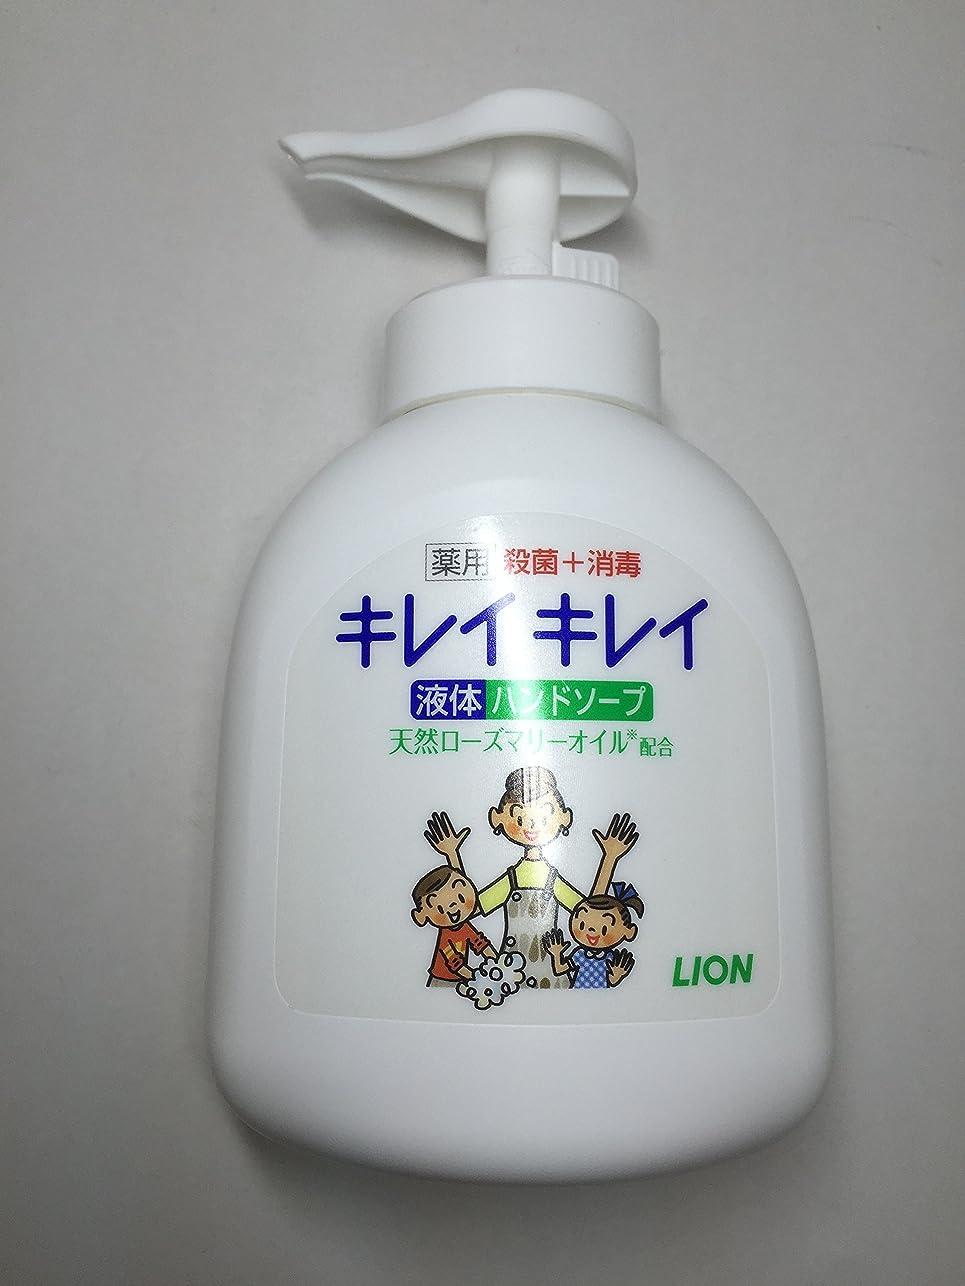 偉業発音売り手(お買得)キレイキレイ 薬用 液体ハンドソープ 本体 (250ml) ライオン